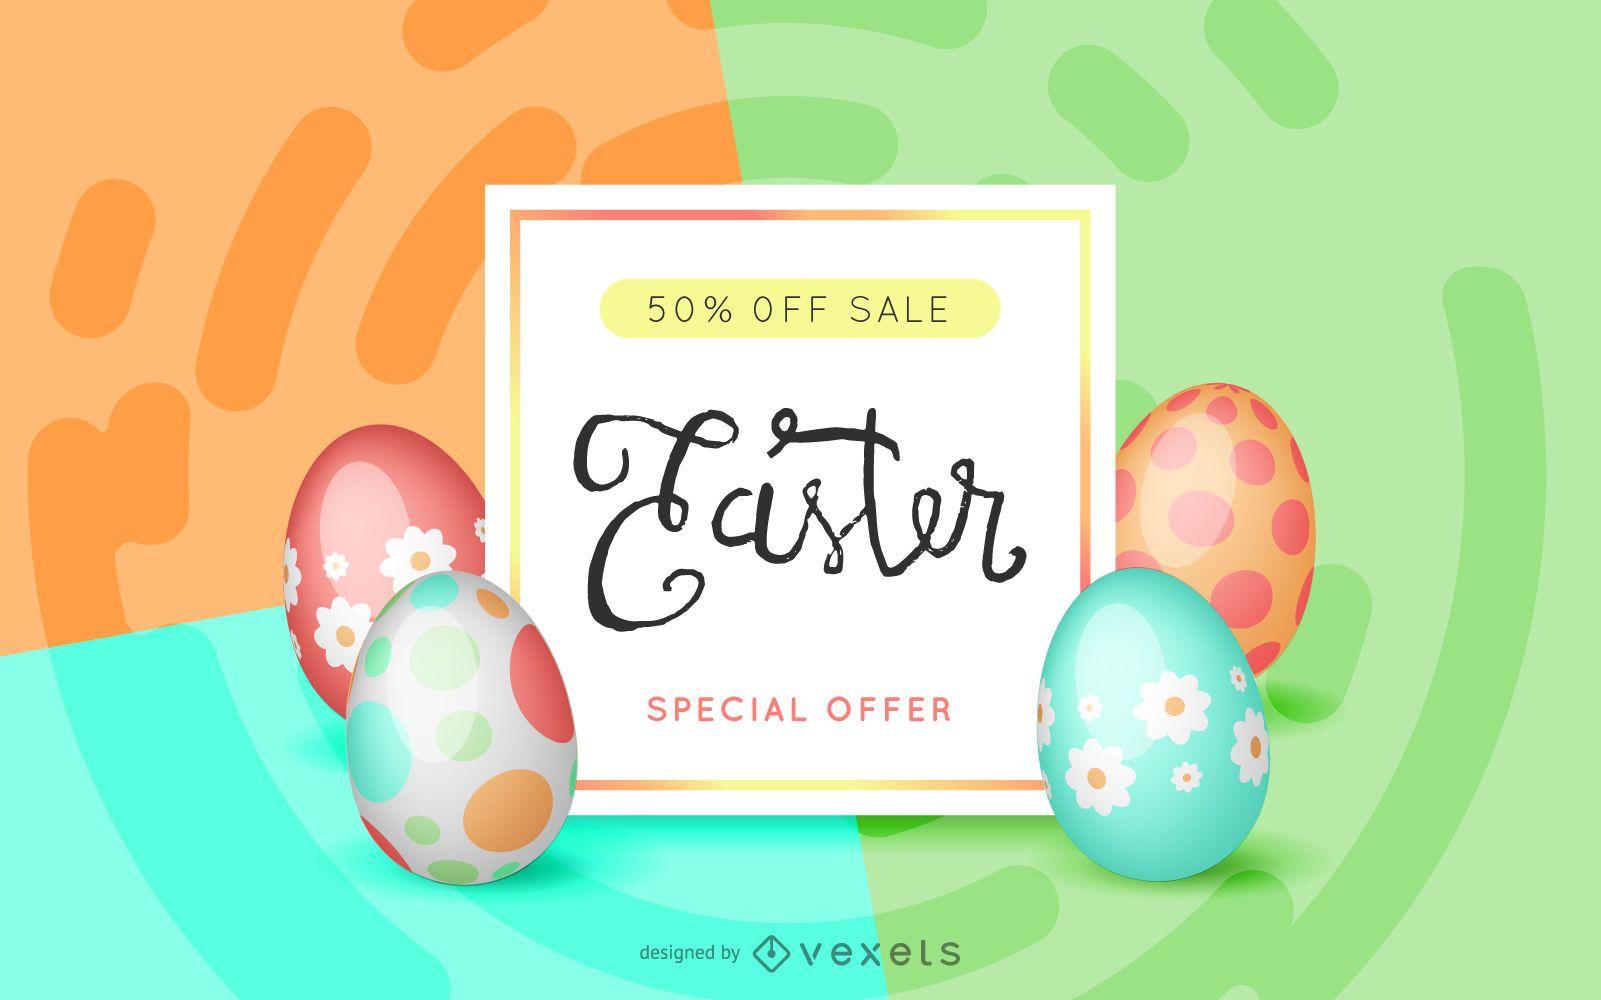 Easter sale offer design